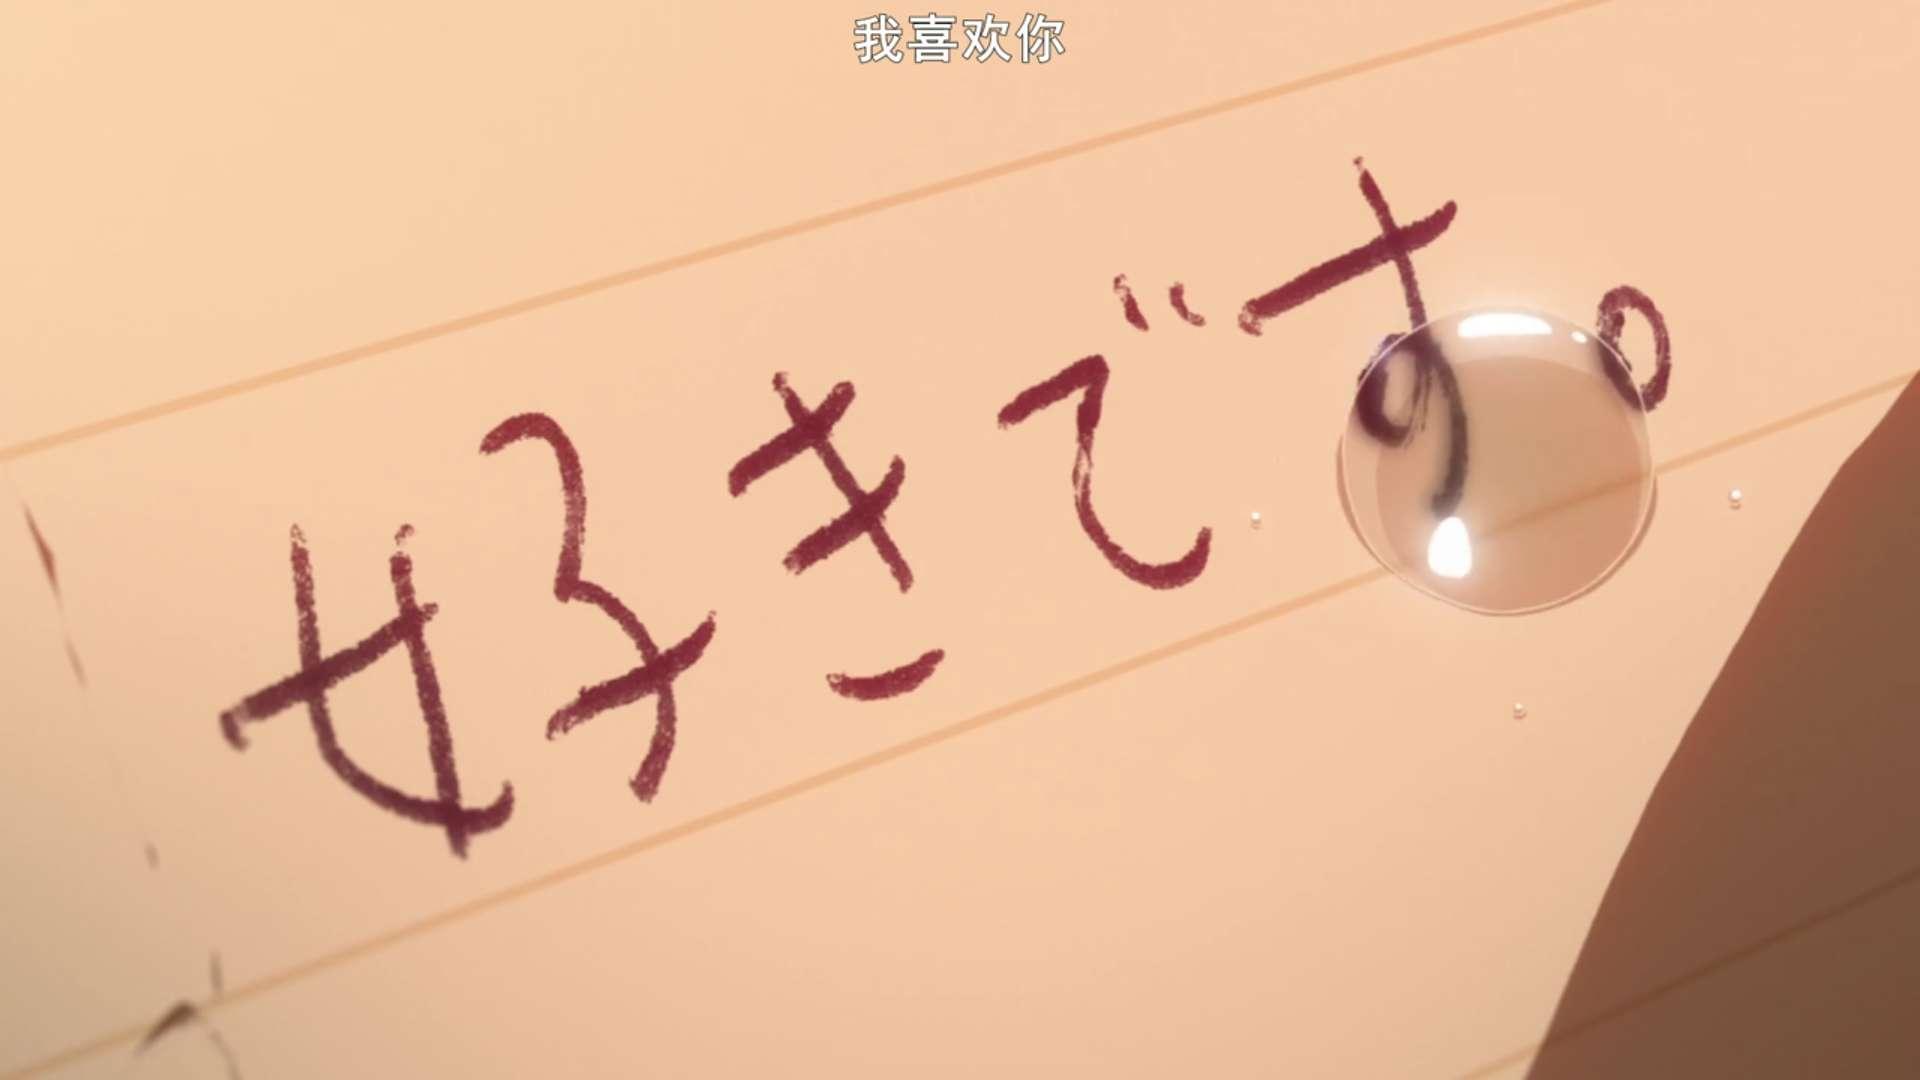 【信】有马公生致宫园薰:一切如初,我很想你